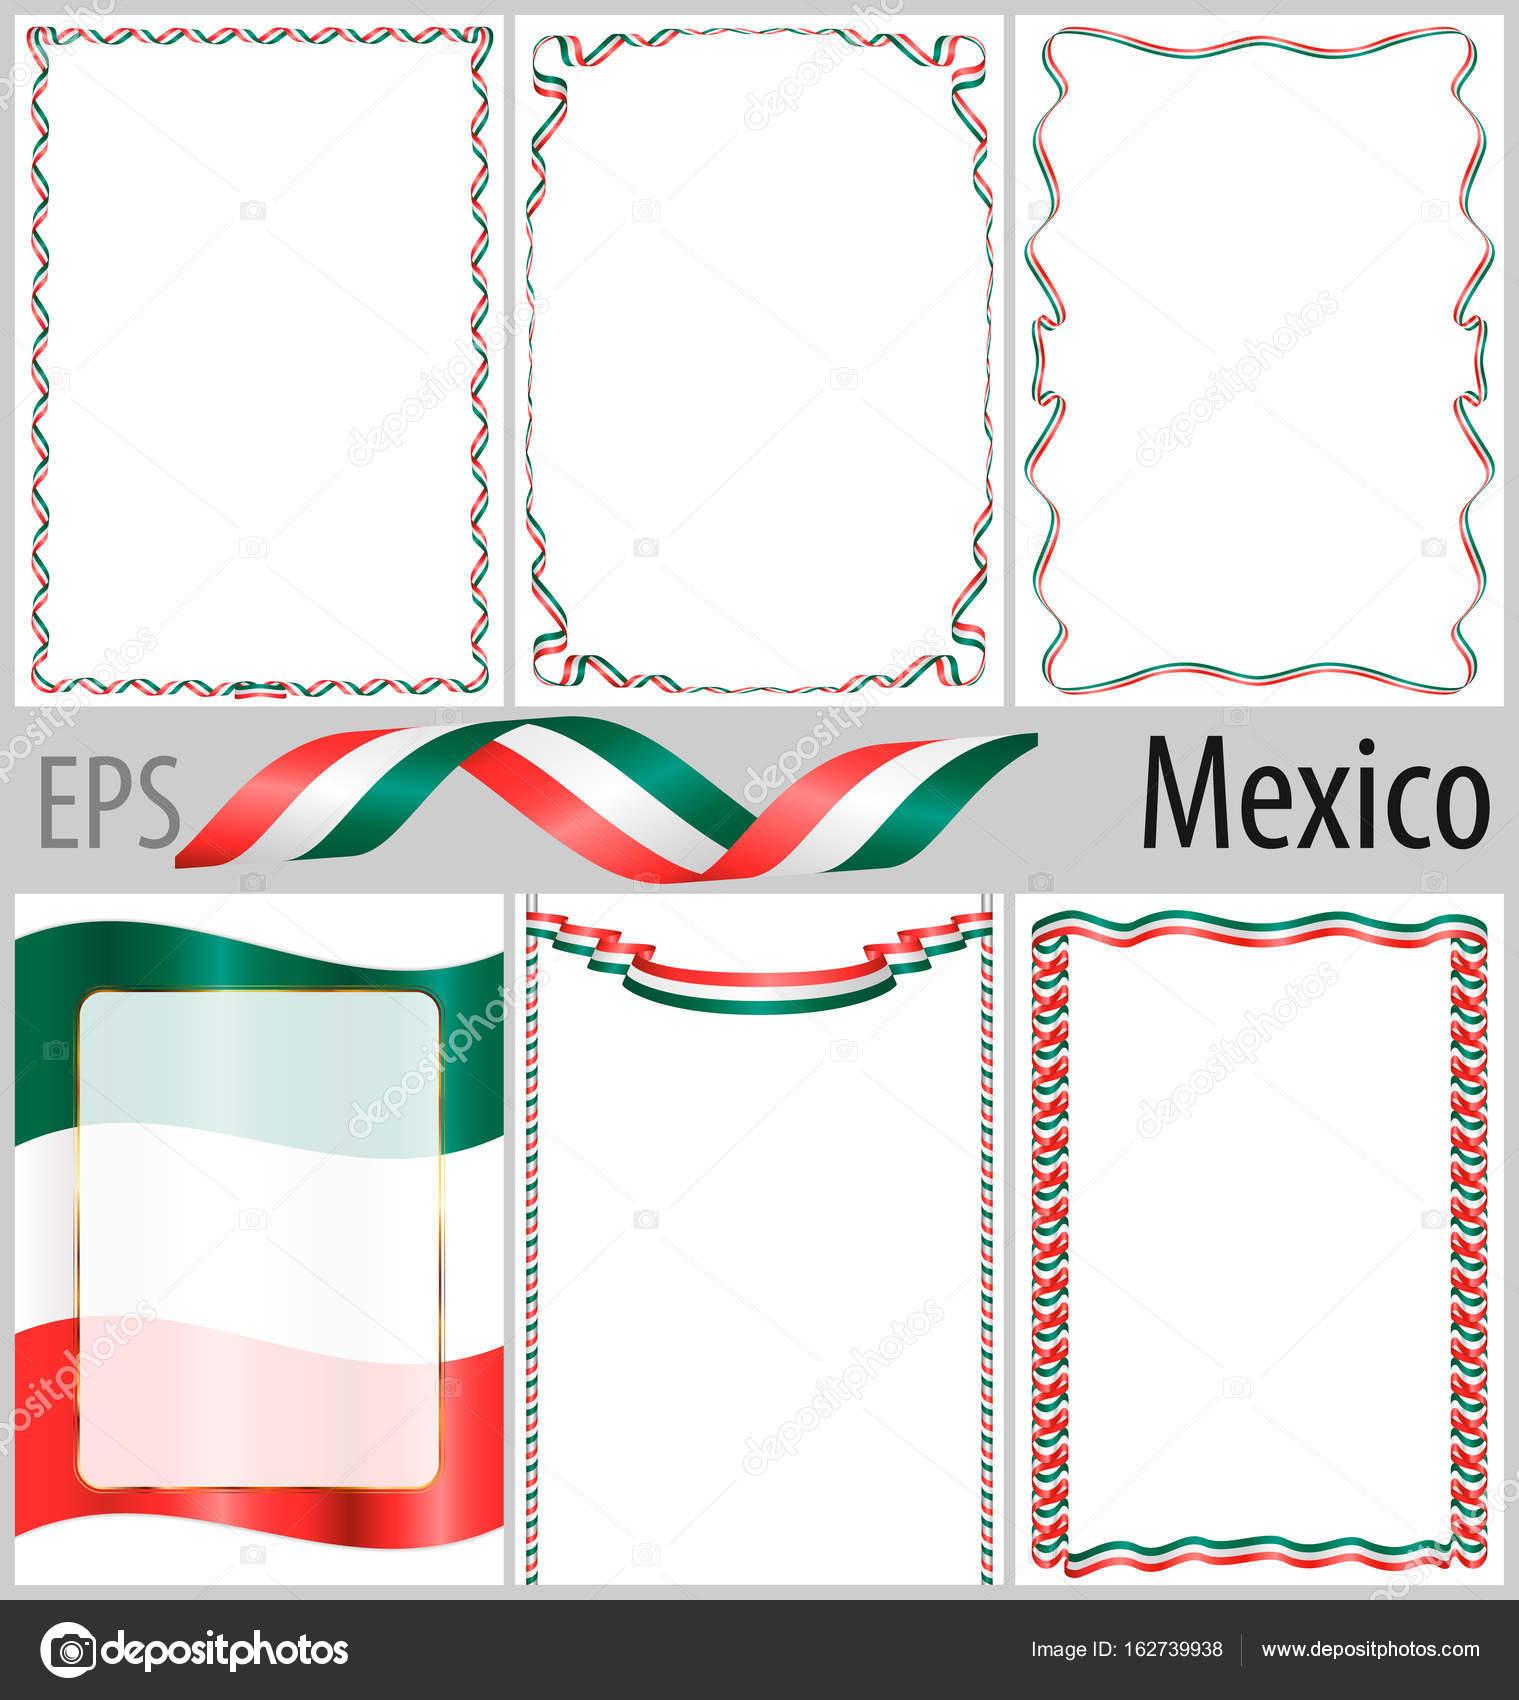 Fotos Marcos Para Bandera Mexico Conjunto De 6 Marcos Y Fronteras